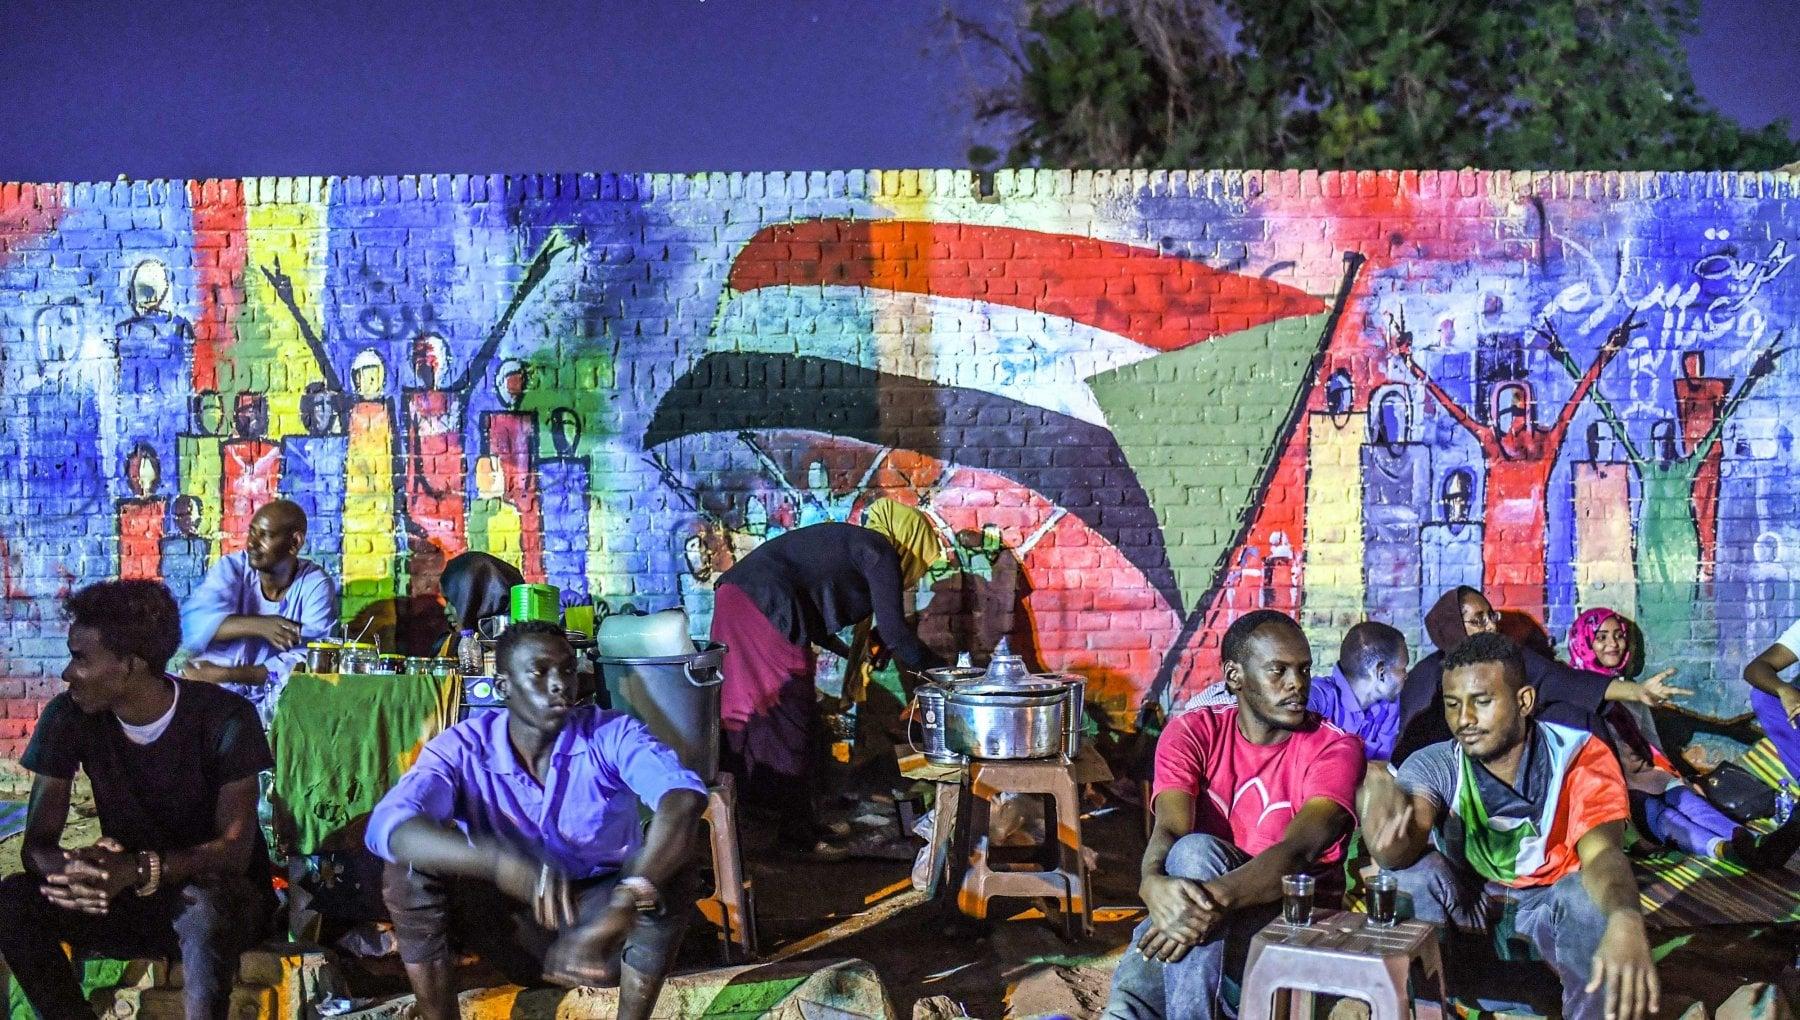 132059399 8ac8e91d 8fab 452c b804 9602d888f19a - Come aiutare i guardiani della rivoluzione sudanese